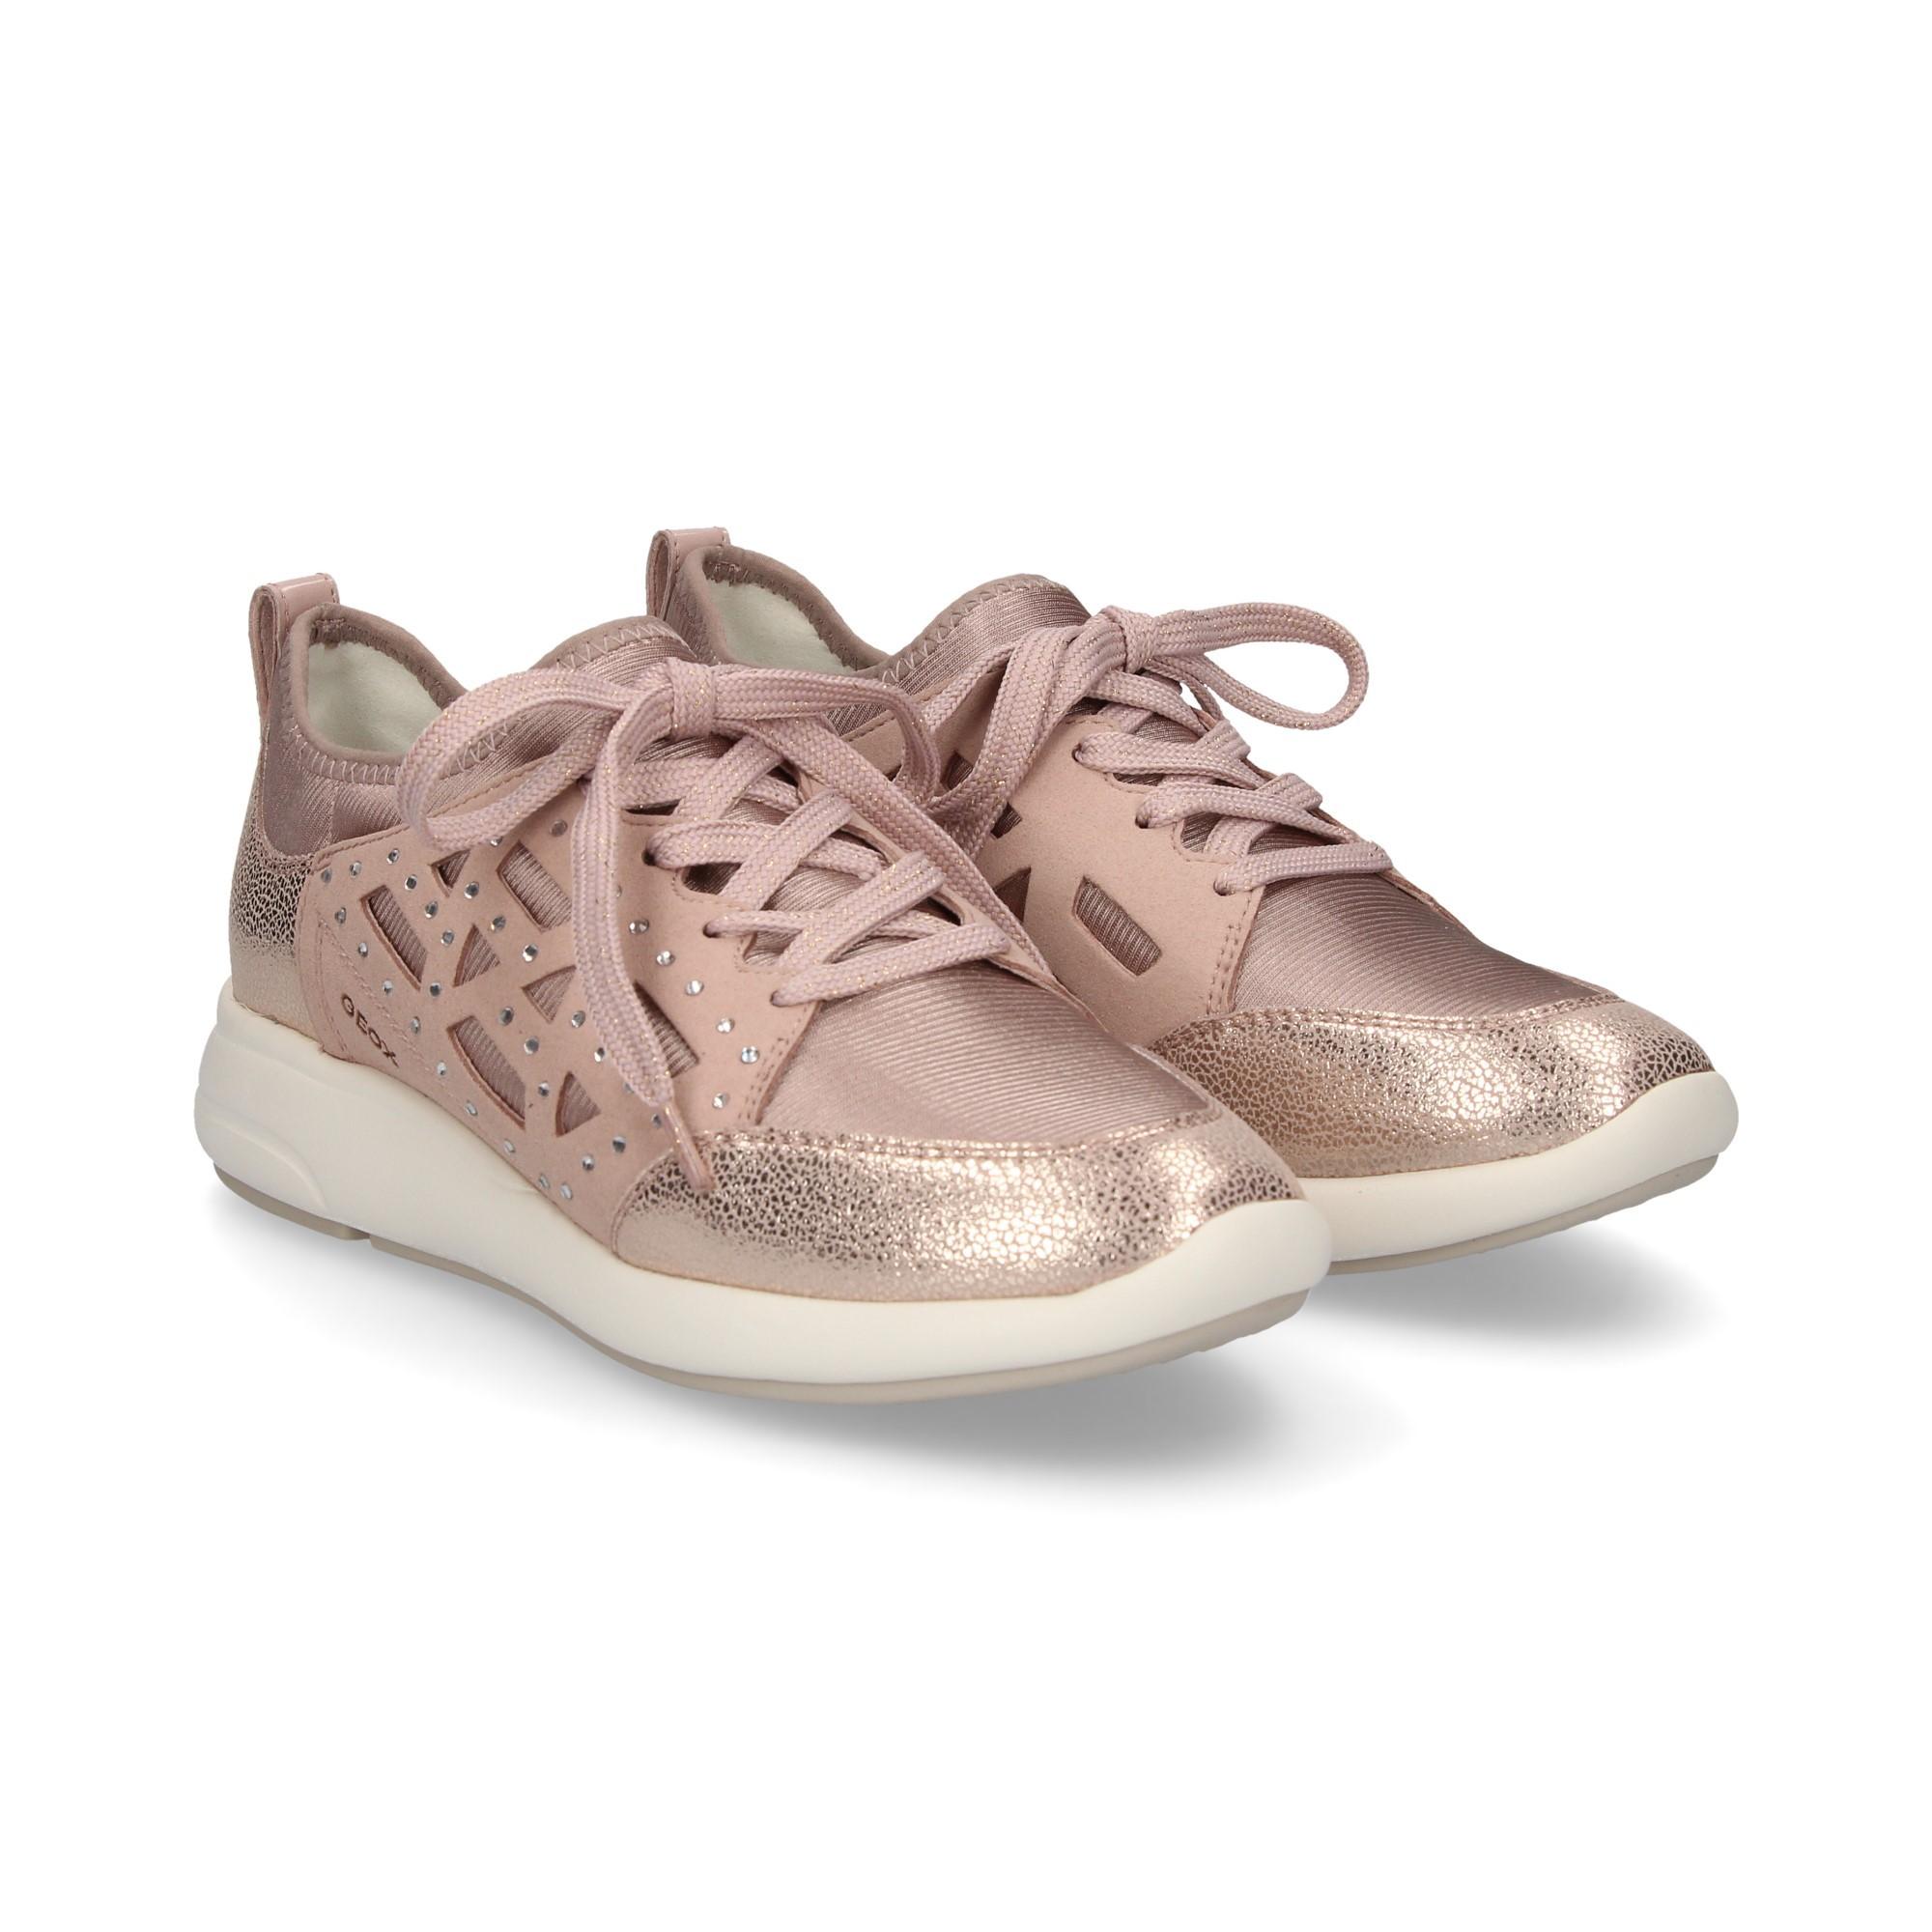 f4527a741980dd GEOX Chaussures de sport pour femmes D821CB C8056 ROSA